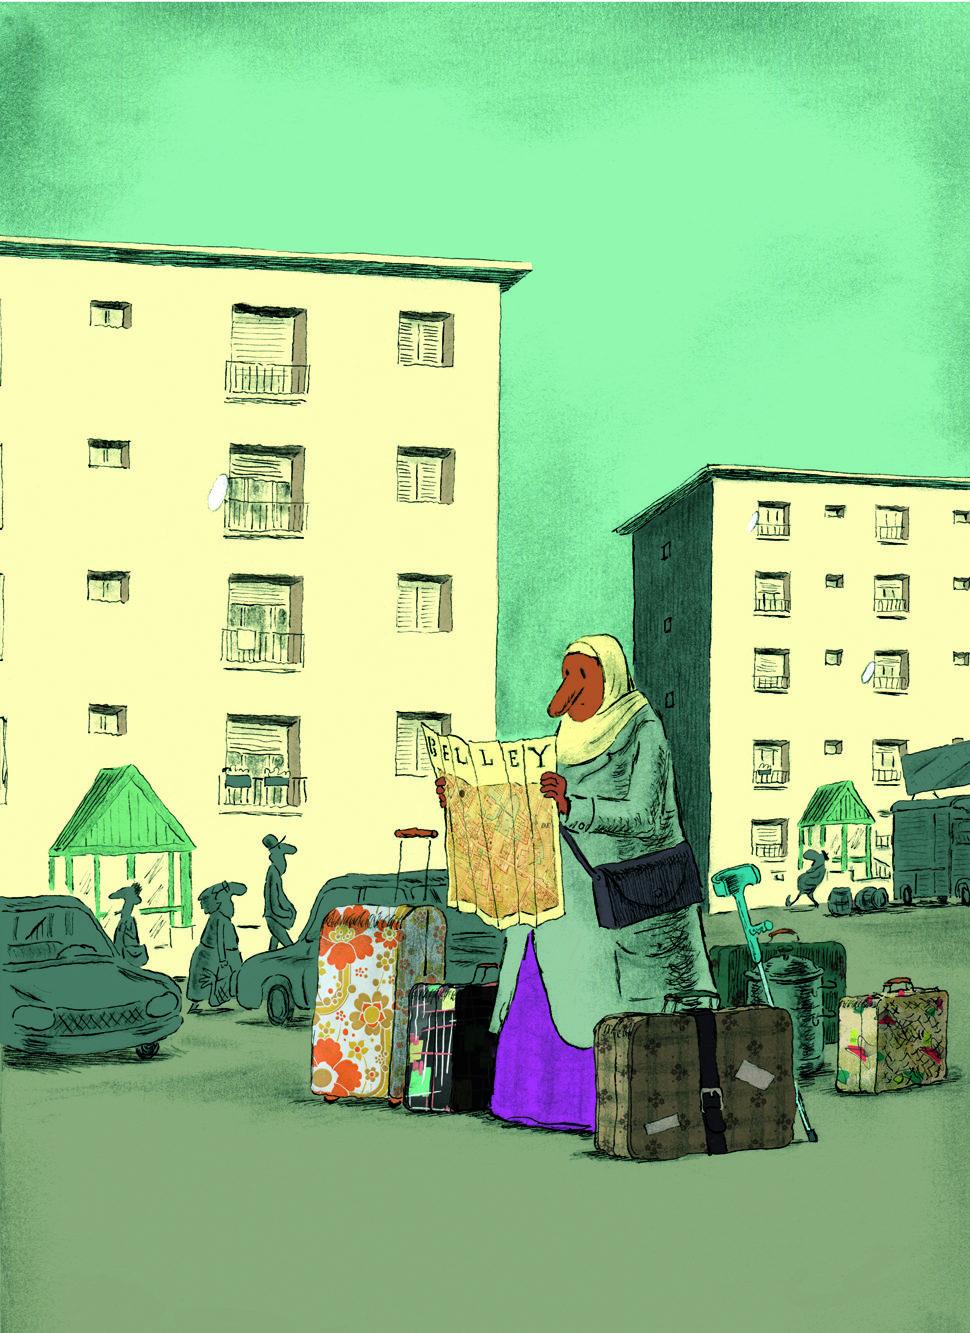 """""""J'ai regardé mes valises. Au moins, elles sont prêtes. Seule la direction change. Et nous voilà à Belley."""""""